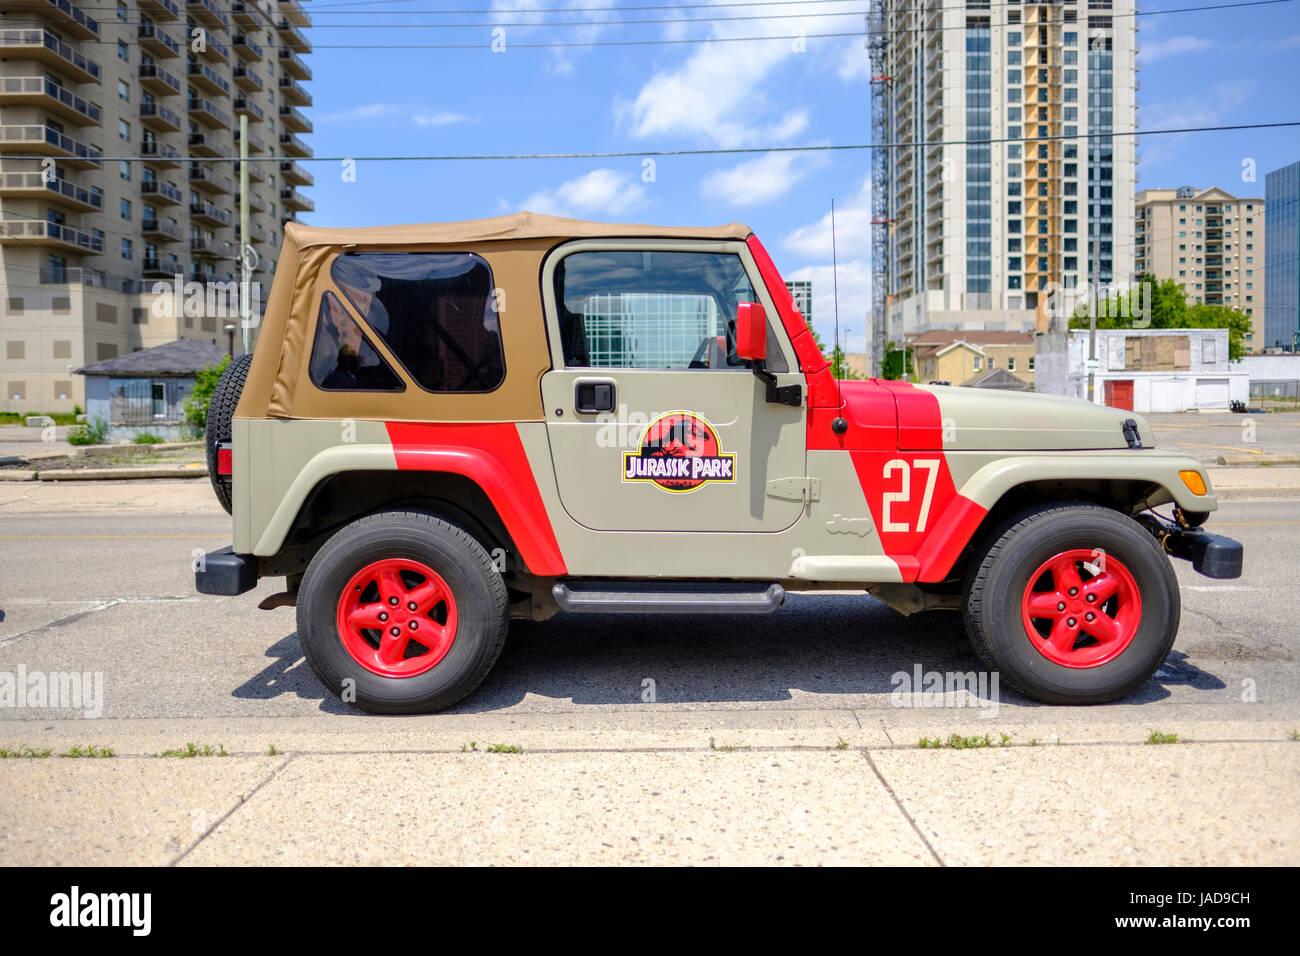 Pintado personalizado de Jurassic Park, Parque Jurásico el logotipo de Jeep, vehículo 4x4, vehículo Imagen De Stock